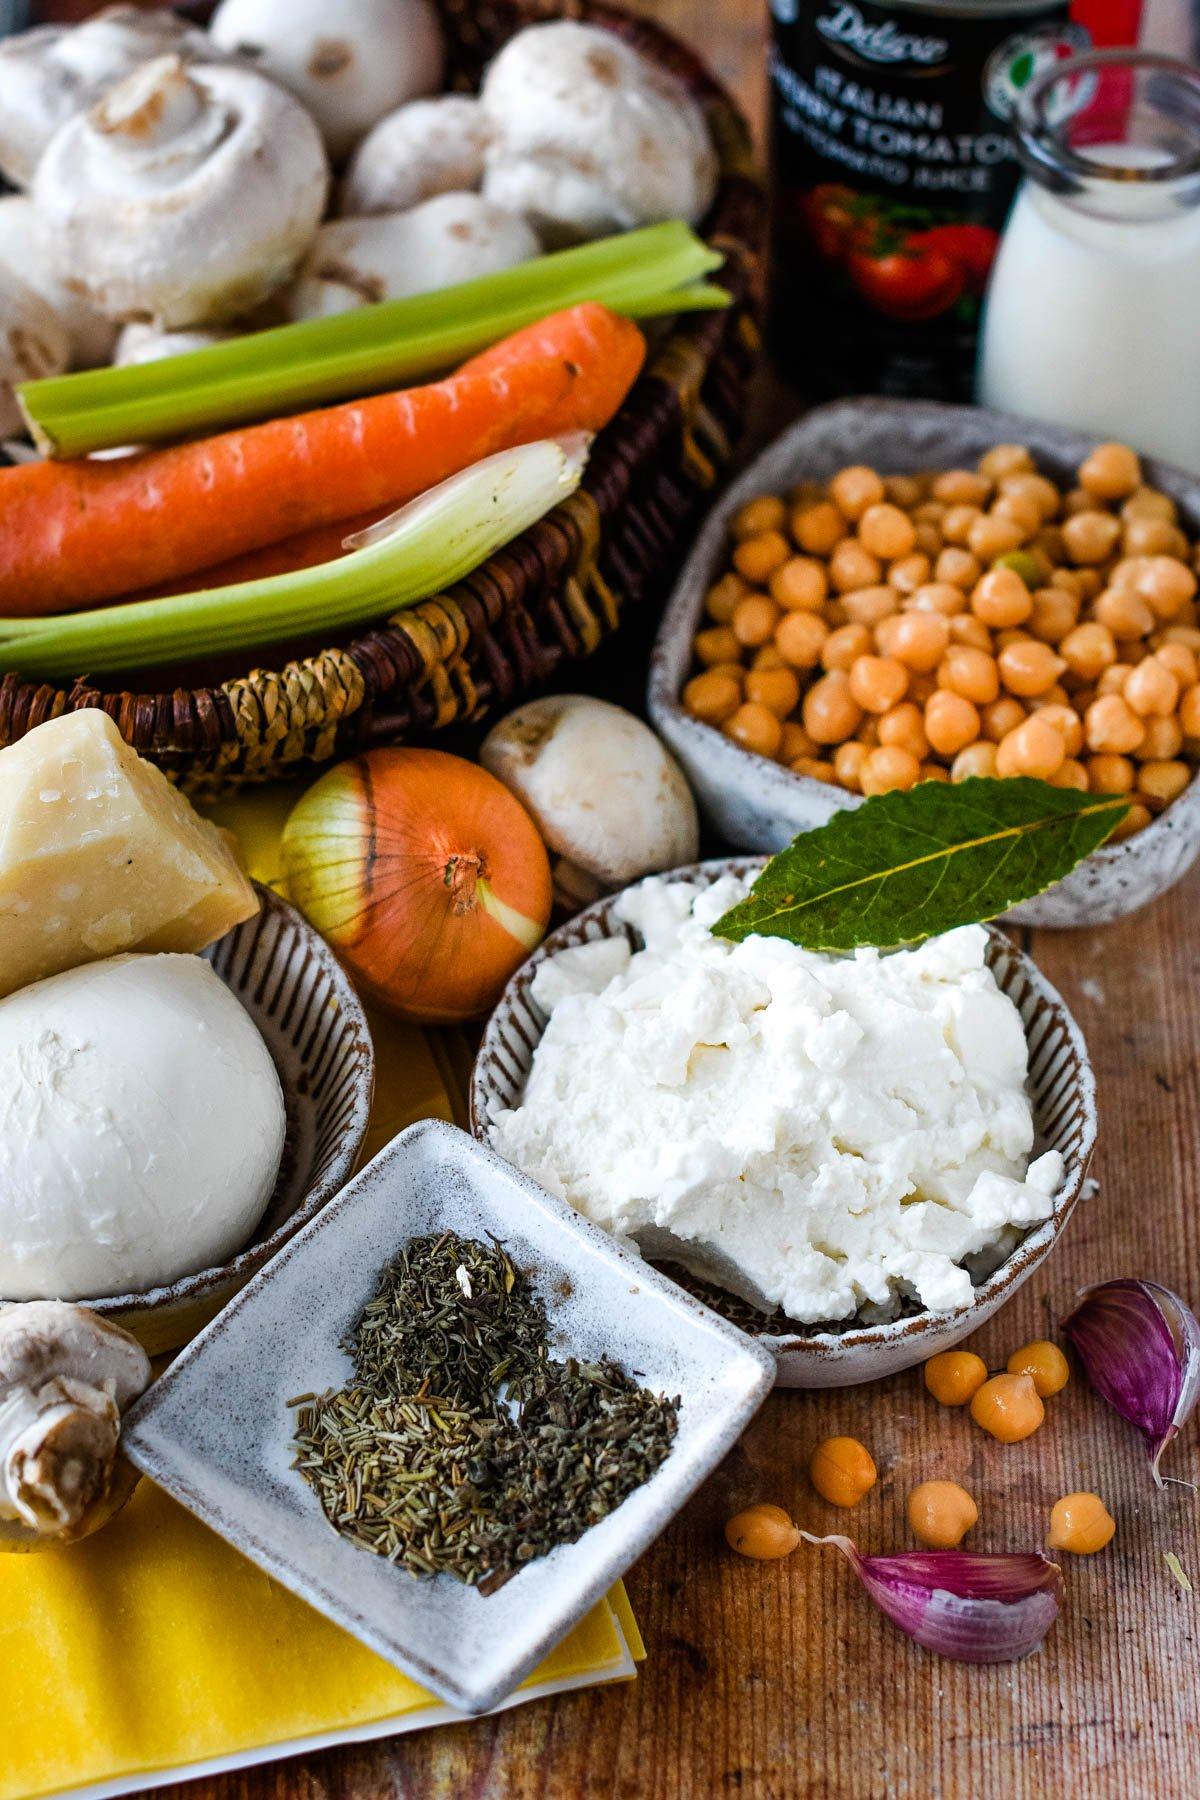 ingredients for vegetarian lasagne